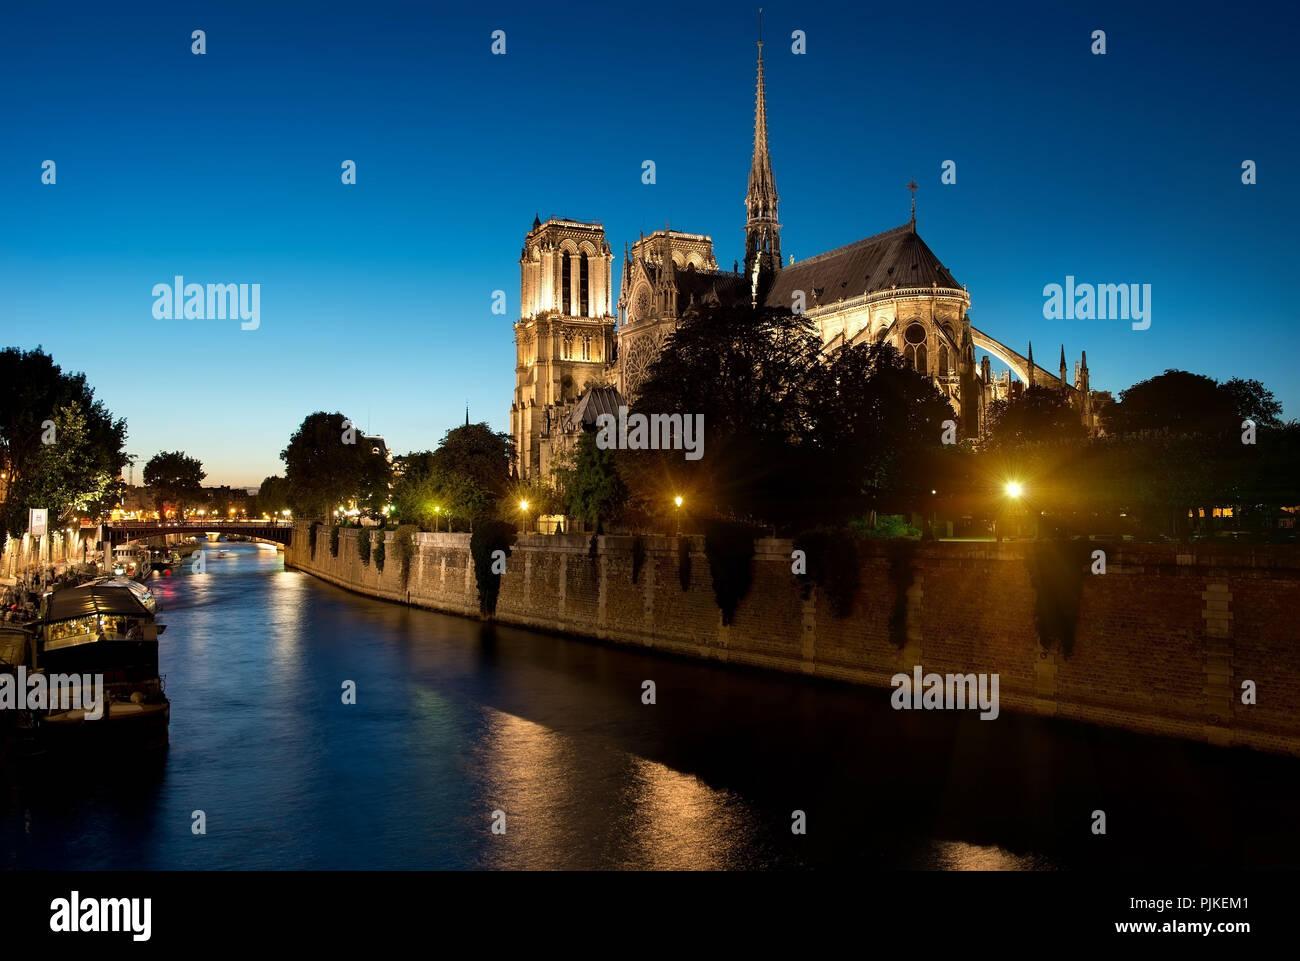 Notre Dame de Paris in the evening, France - Stock Image